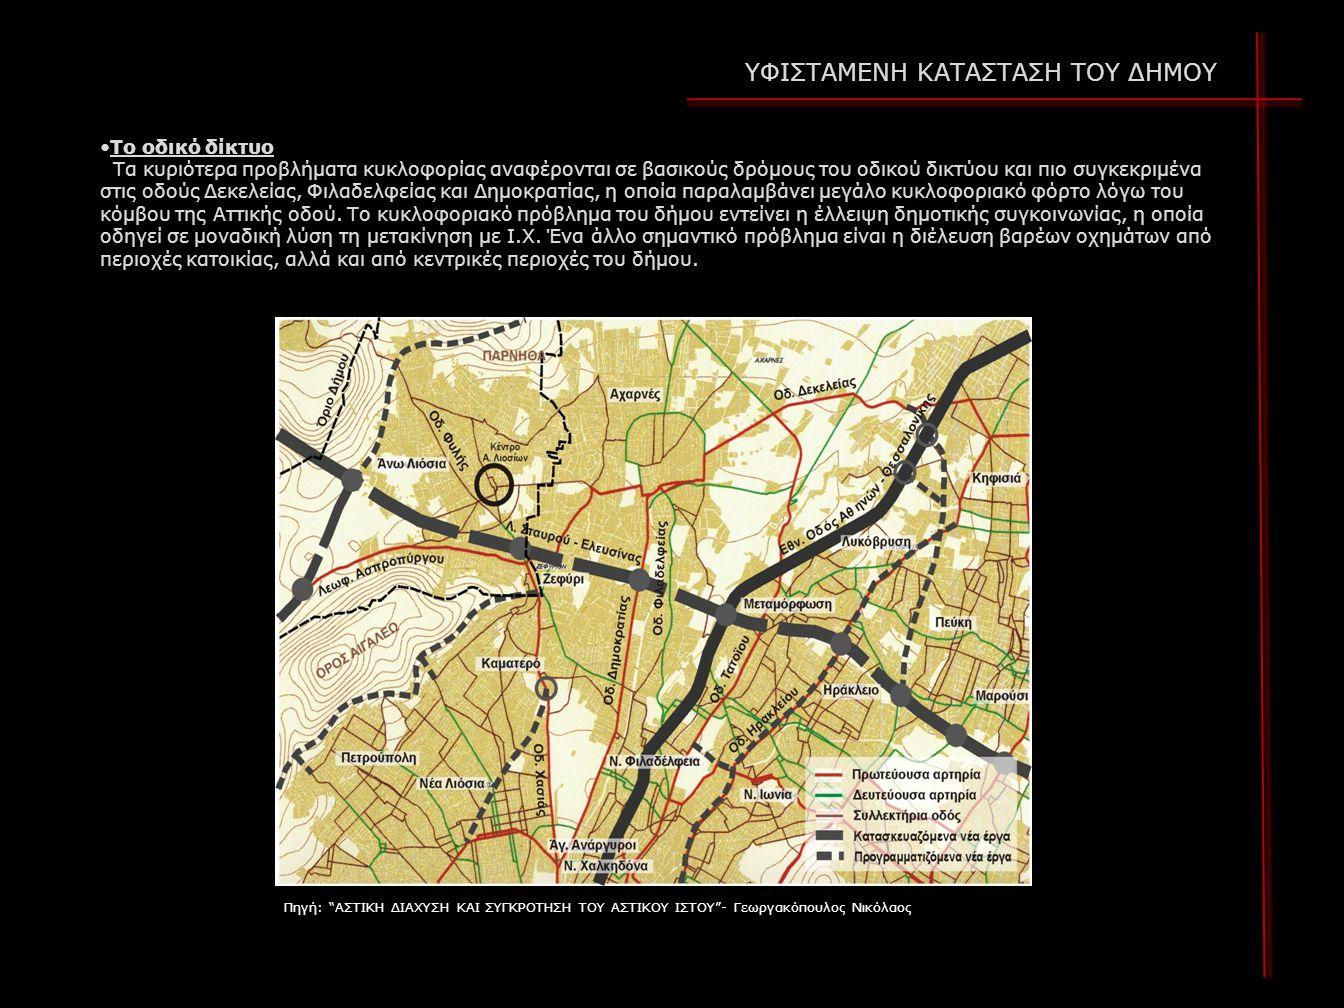 Το Σ.Κ.Α.σχεδιάστηκε αρχικά για να αποτελέσει το μεγαλύτερο σιδηροδρομικό κόμβο σε εθνικό επίπεδο.